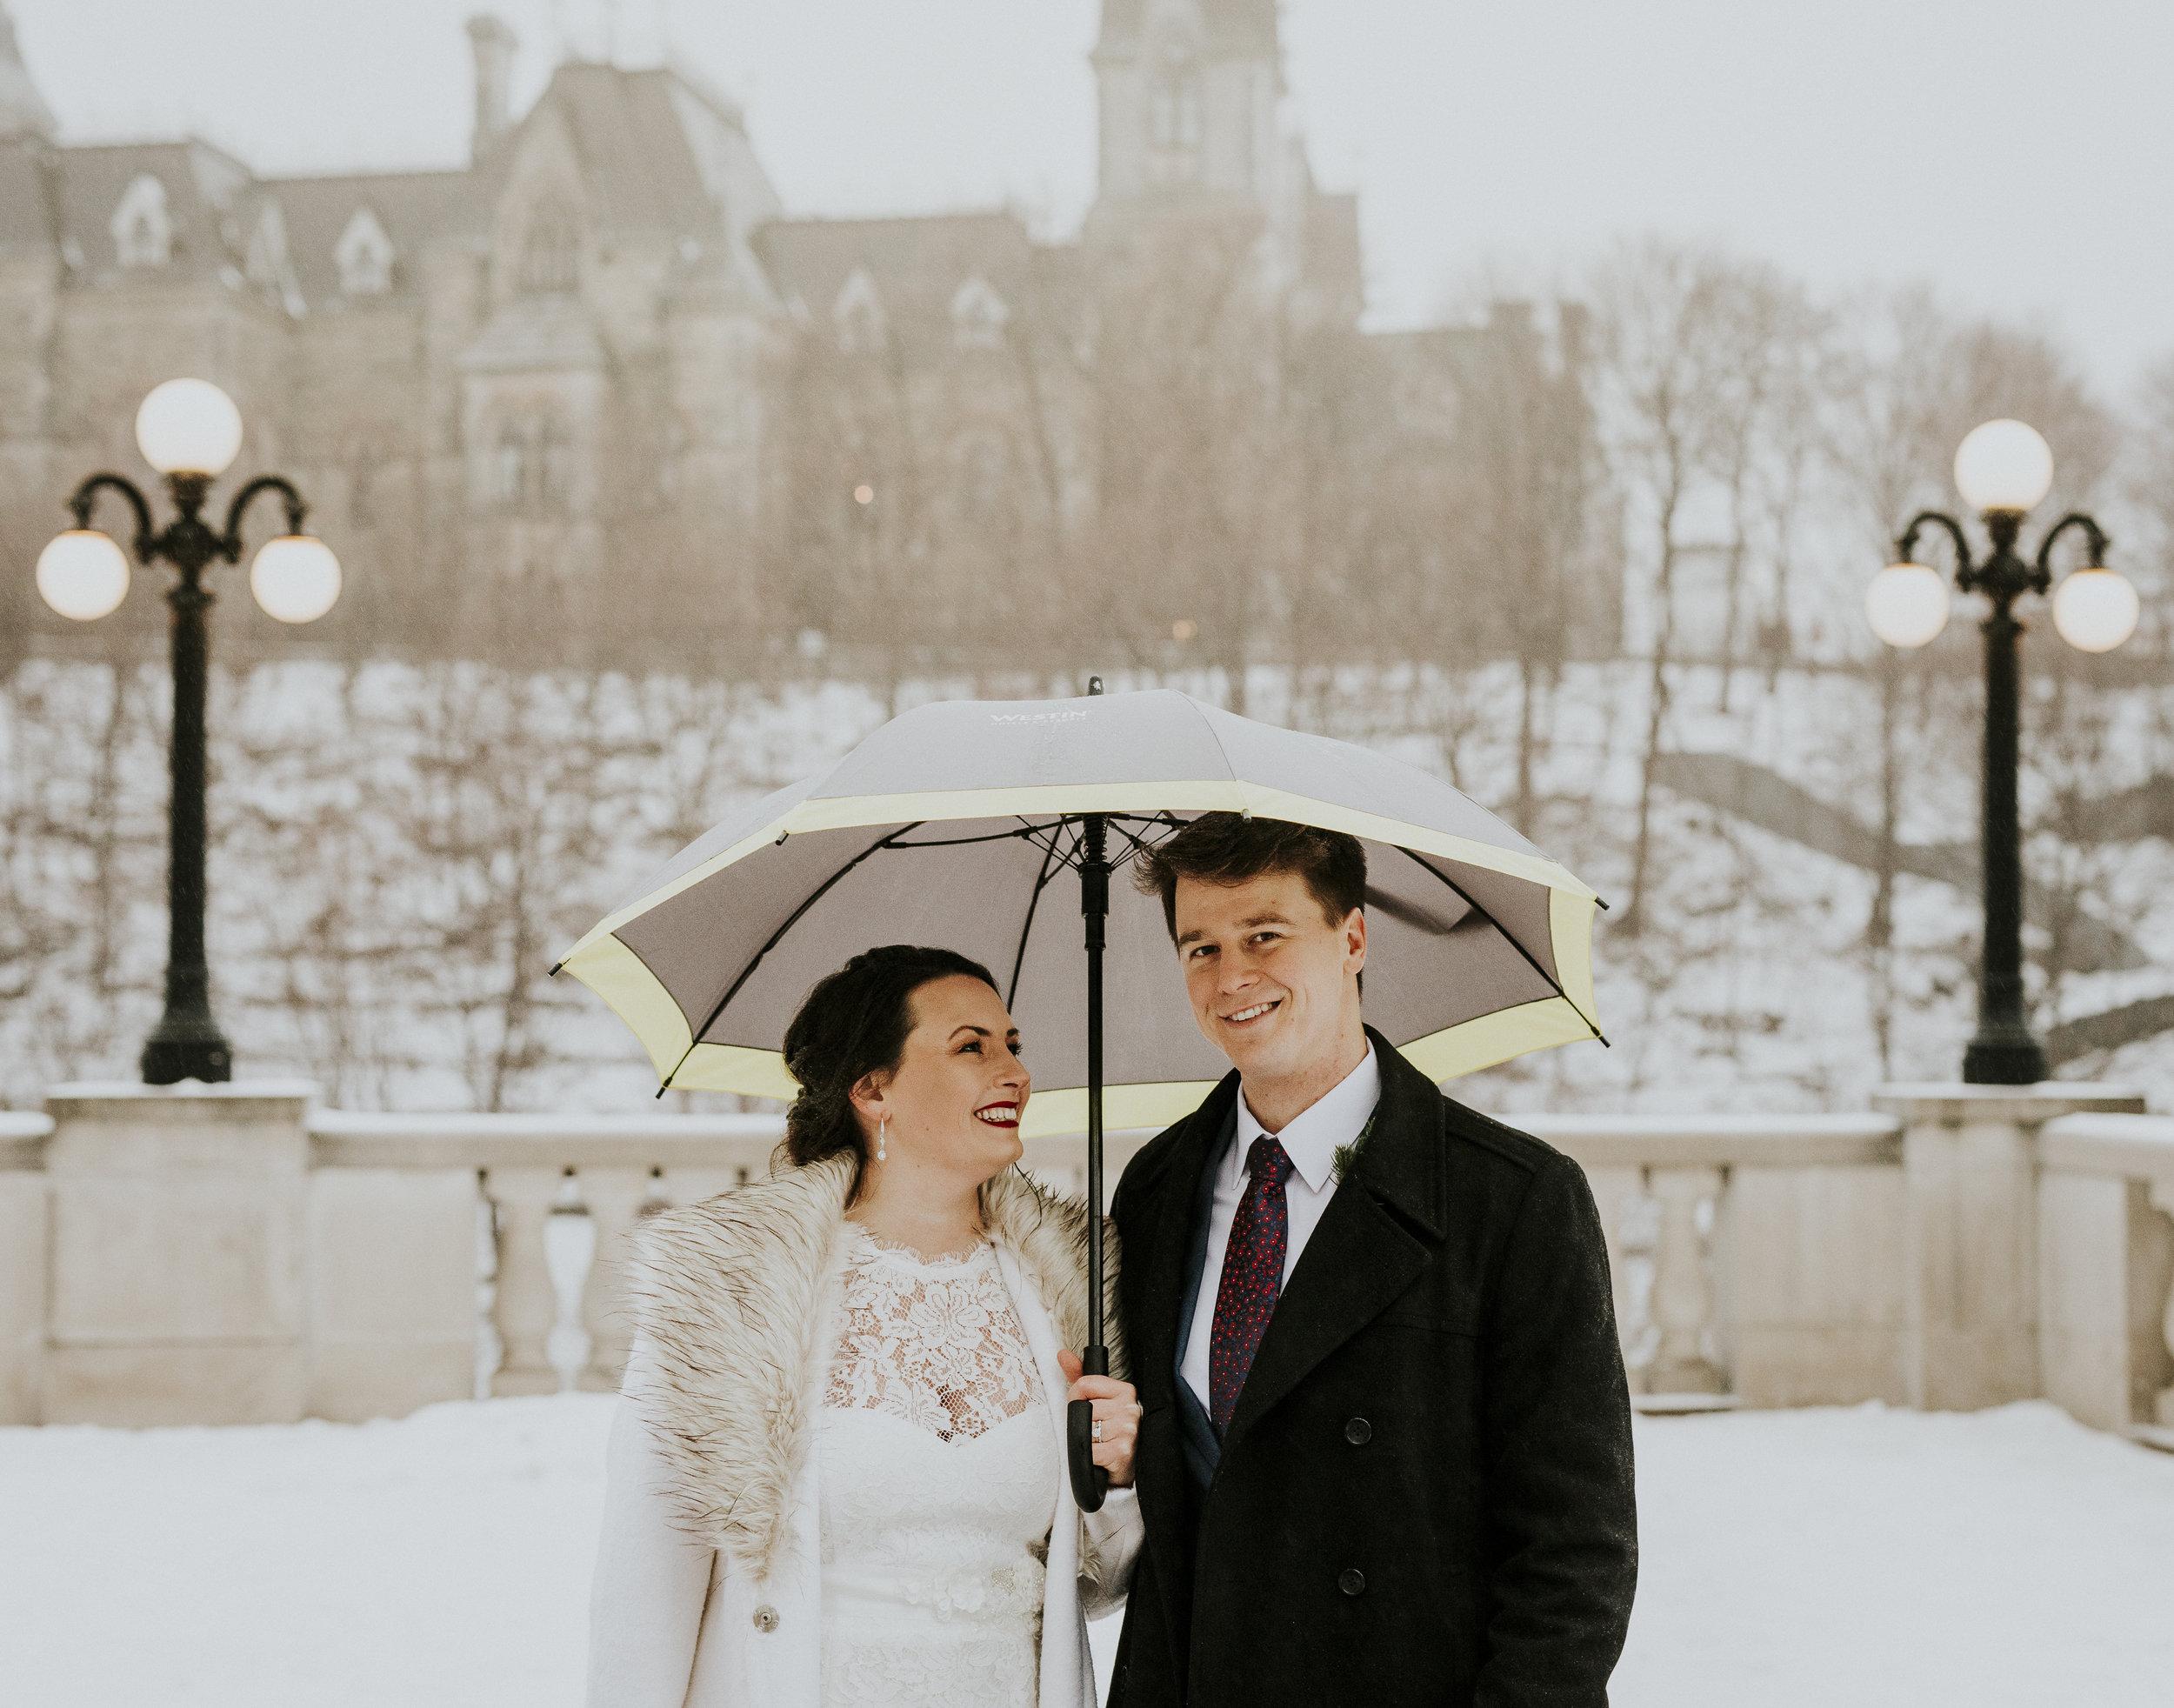 001_Bride + Groom Portraits-040.jpg